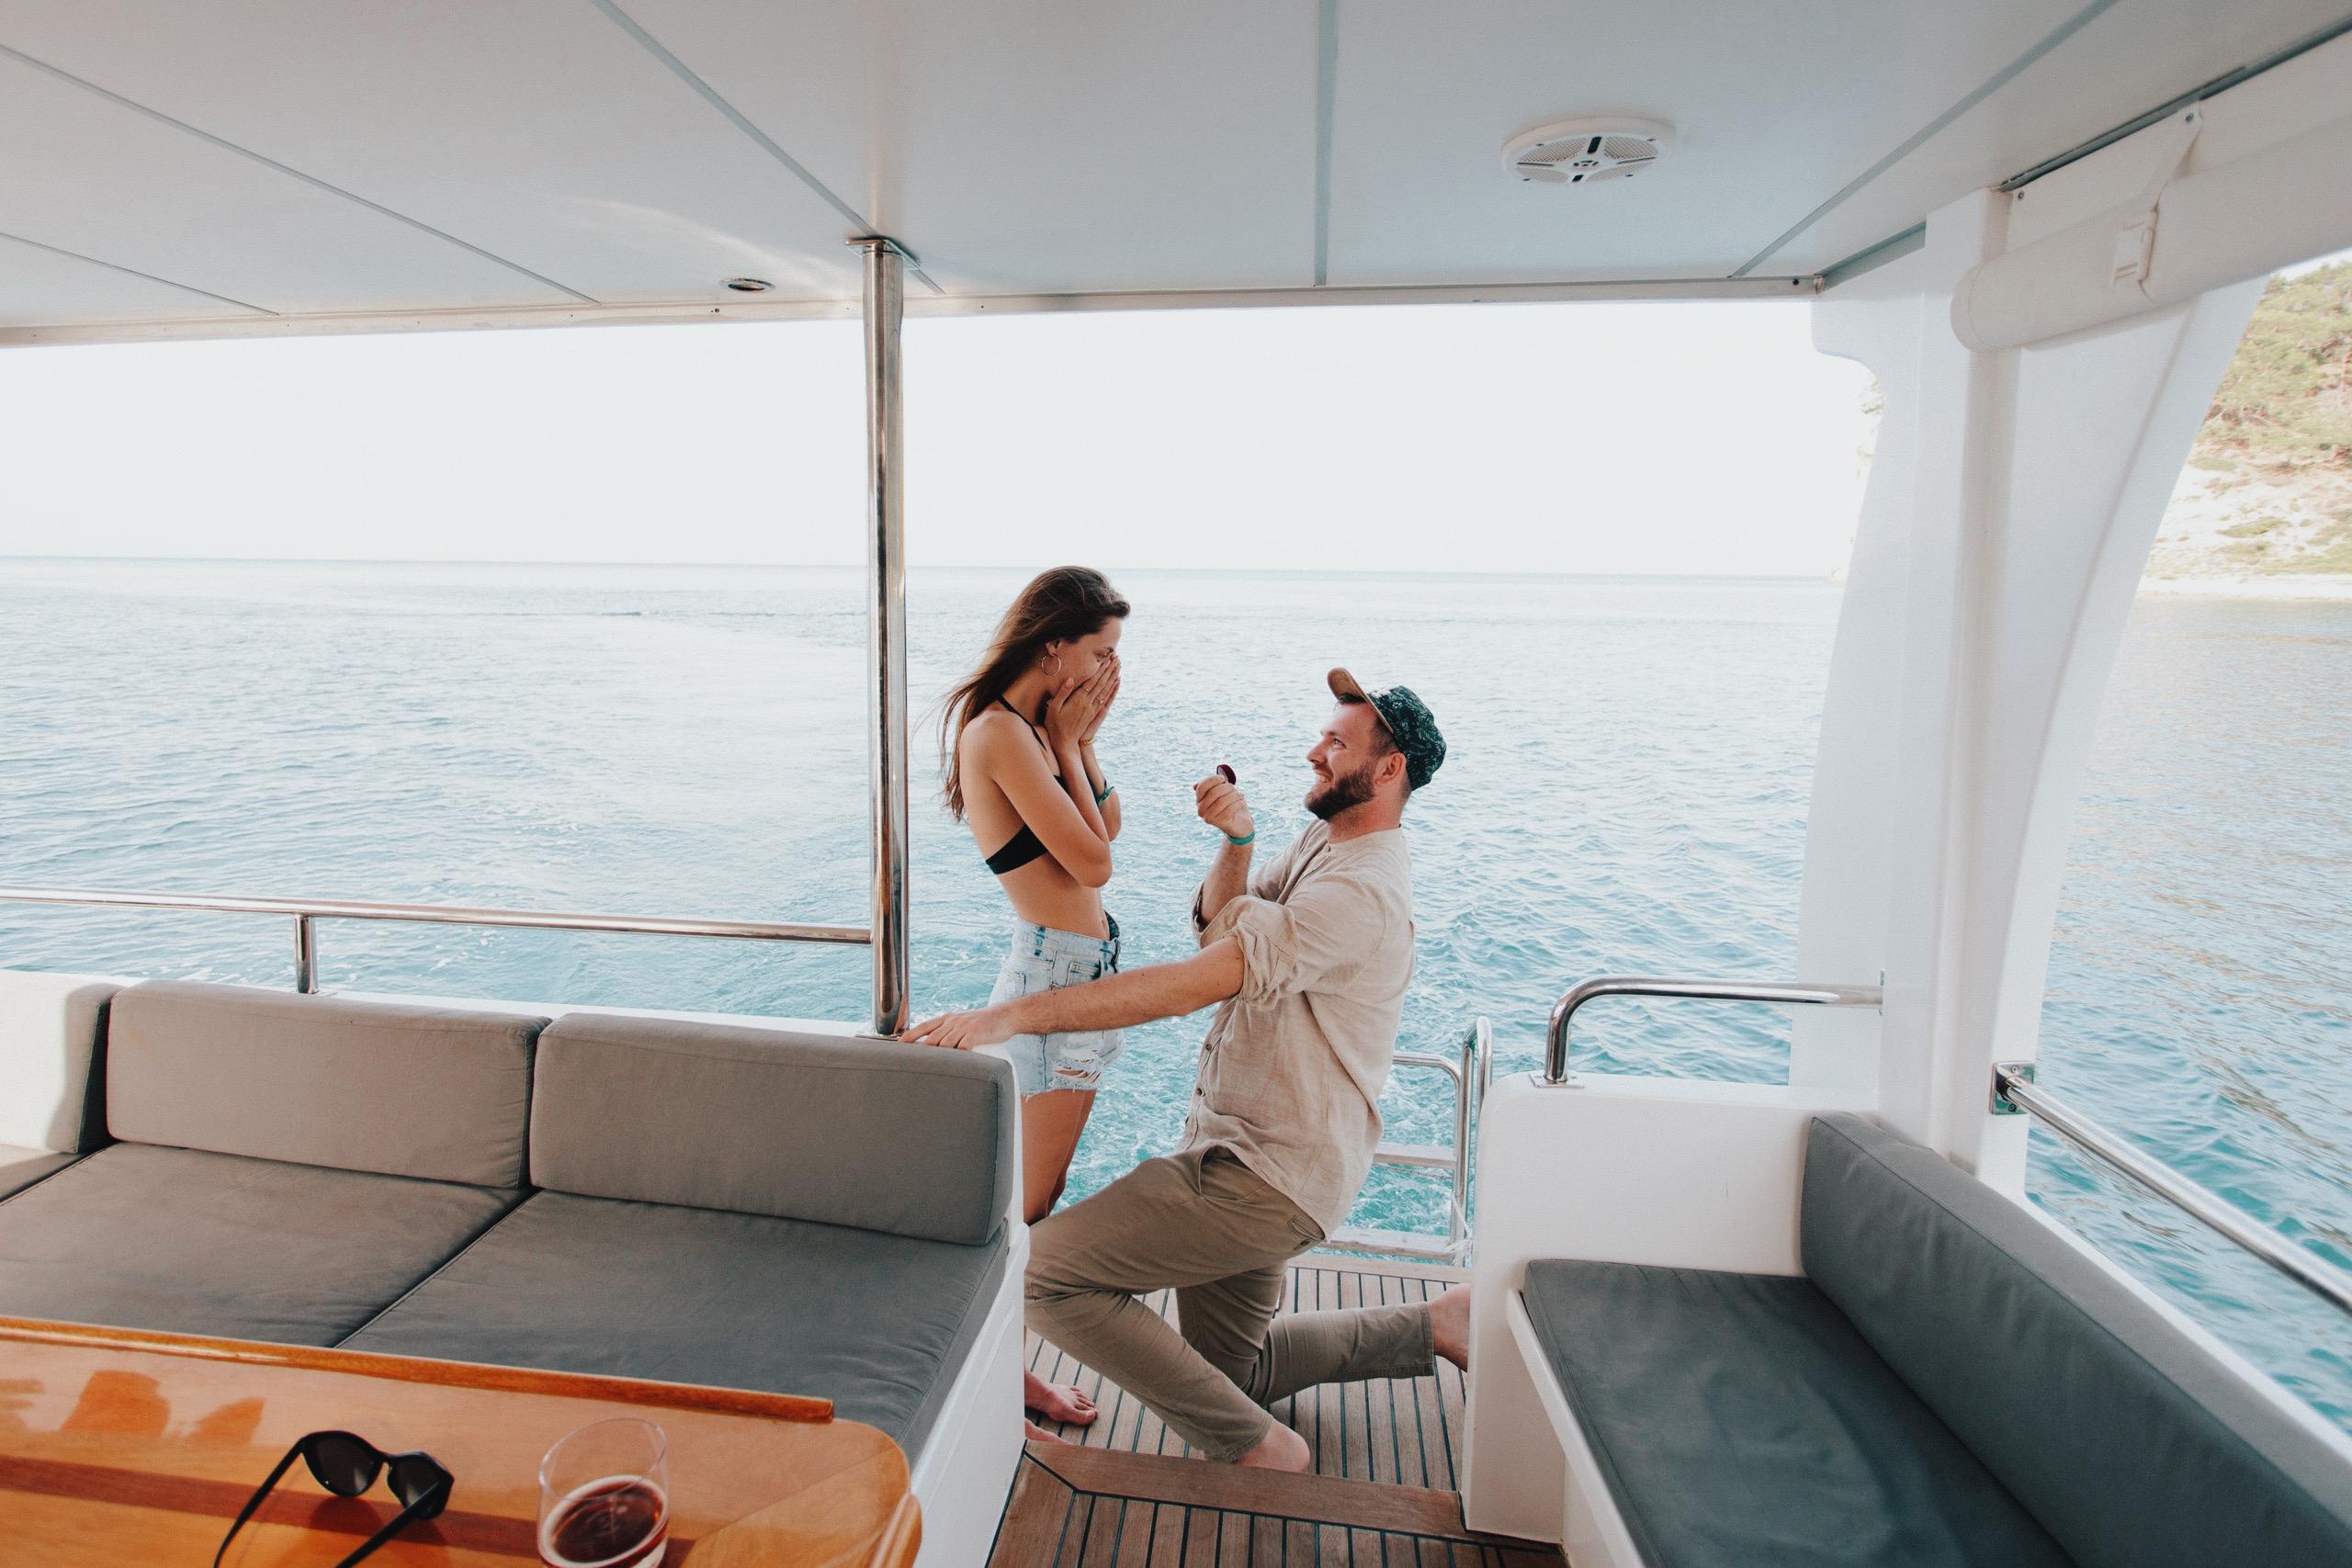 Pedido de casamento: 4 ideias criativas para apostar